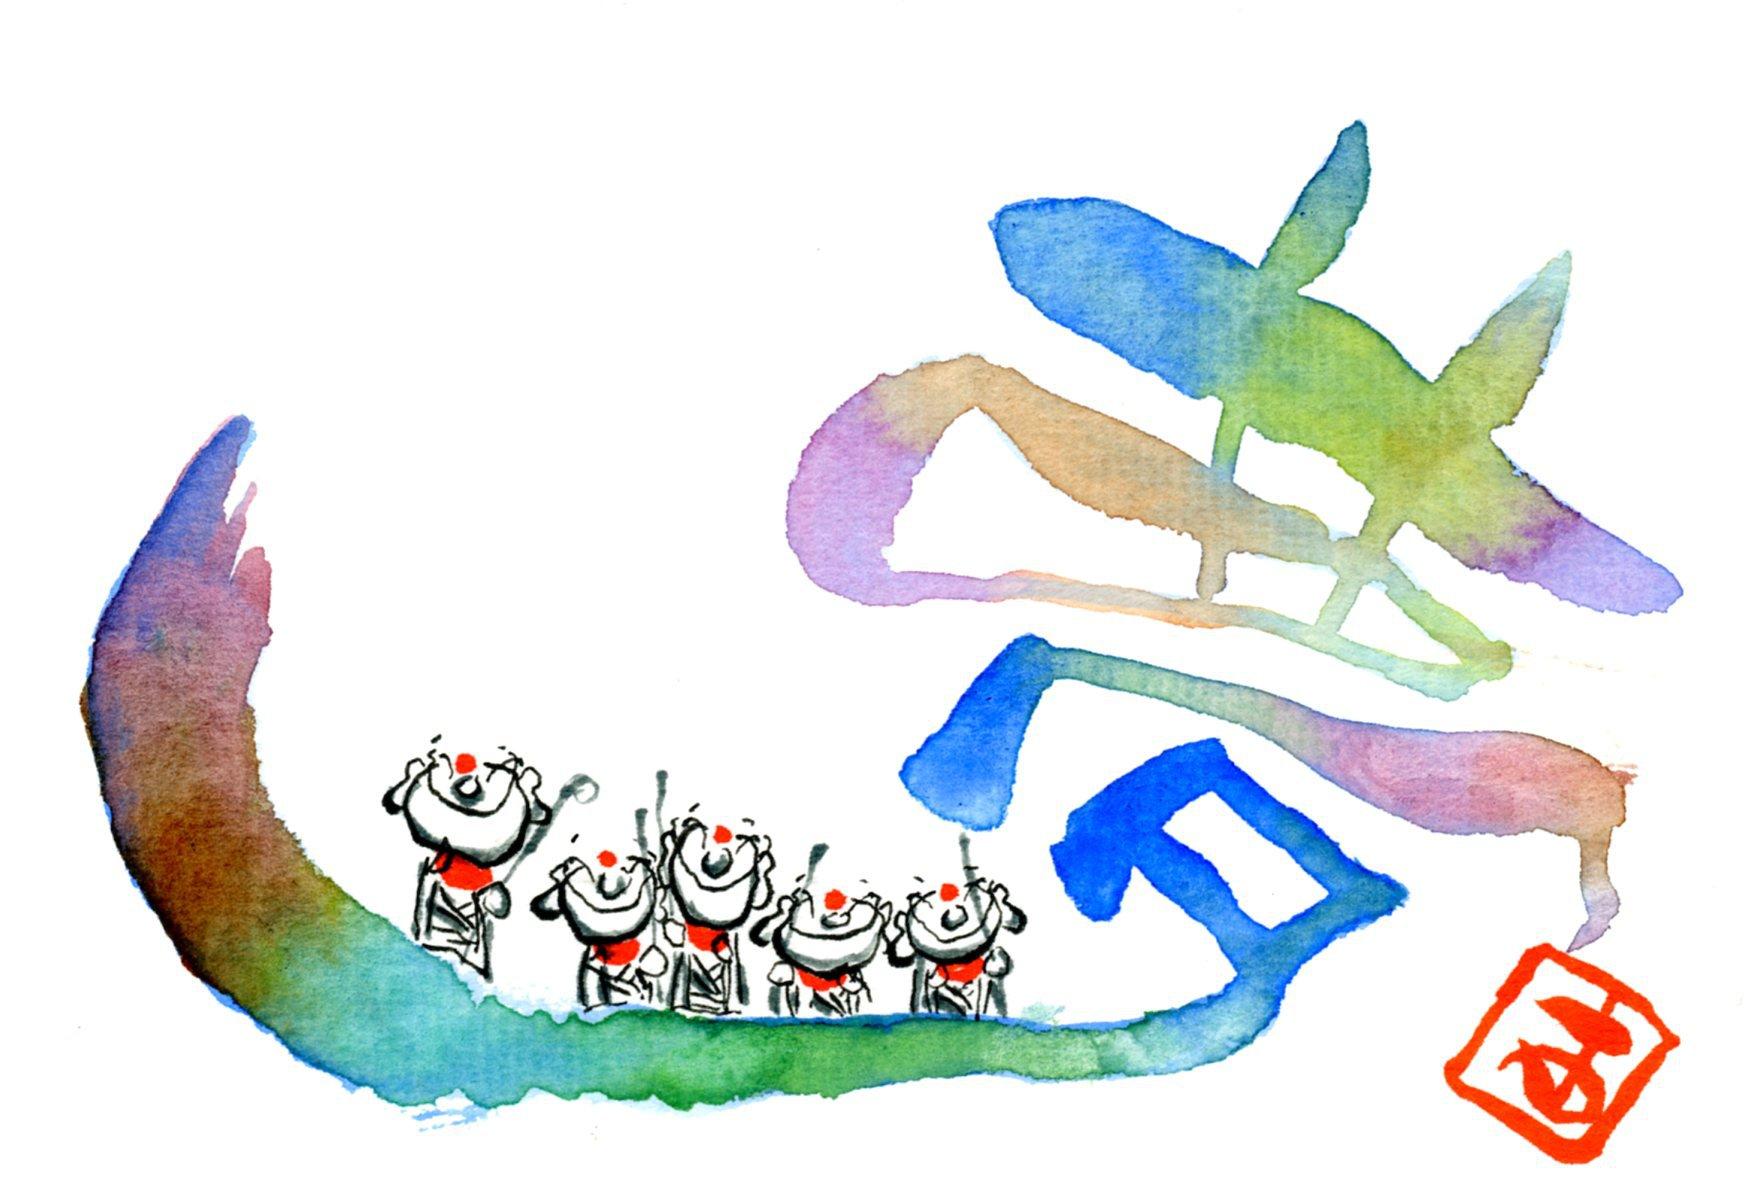 デザイン筆文字 夢とおじぞうさん イラスト年賀状素材 - 筆文字の年賀状